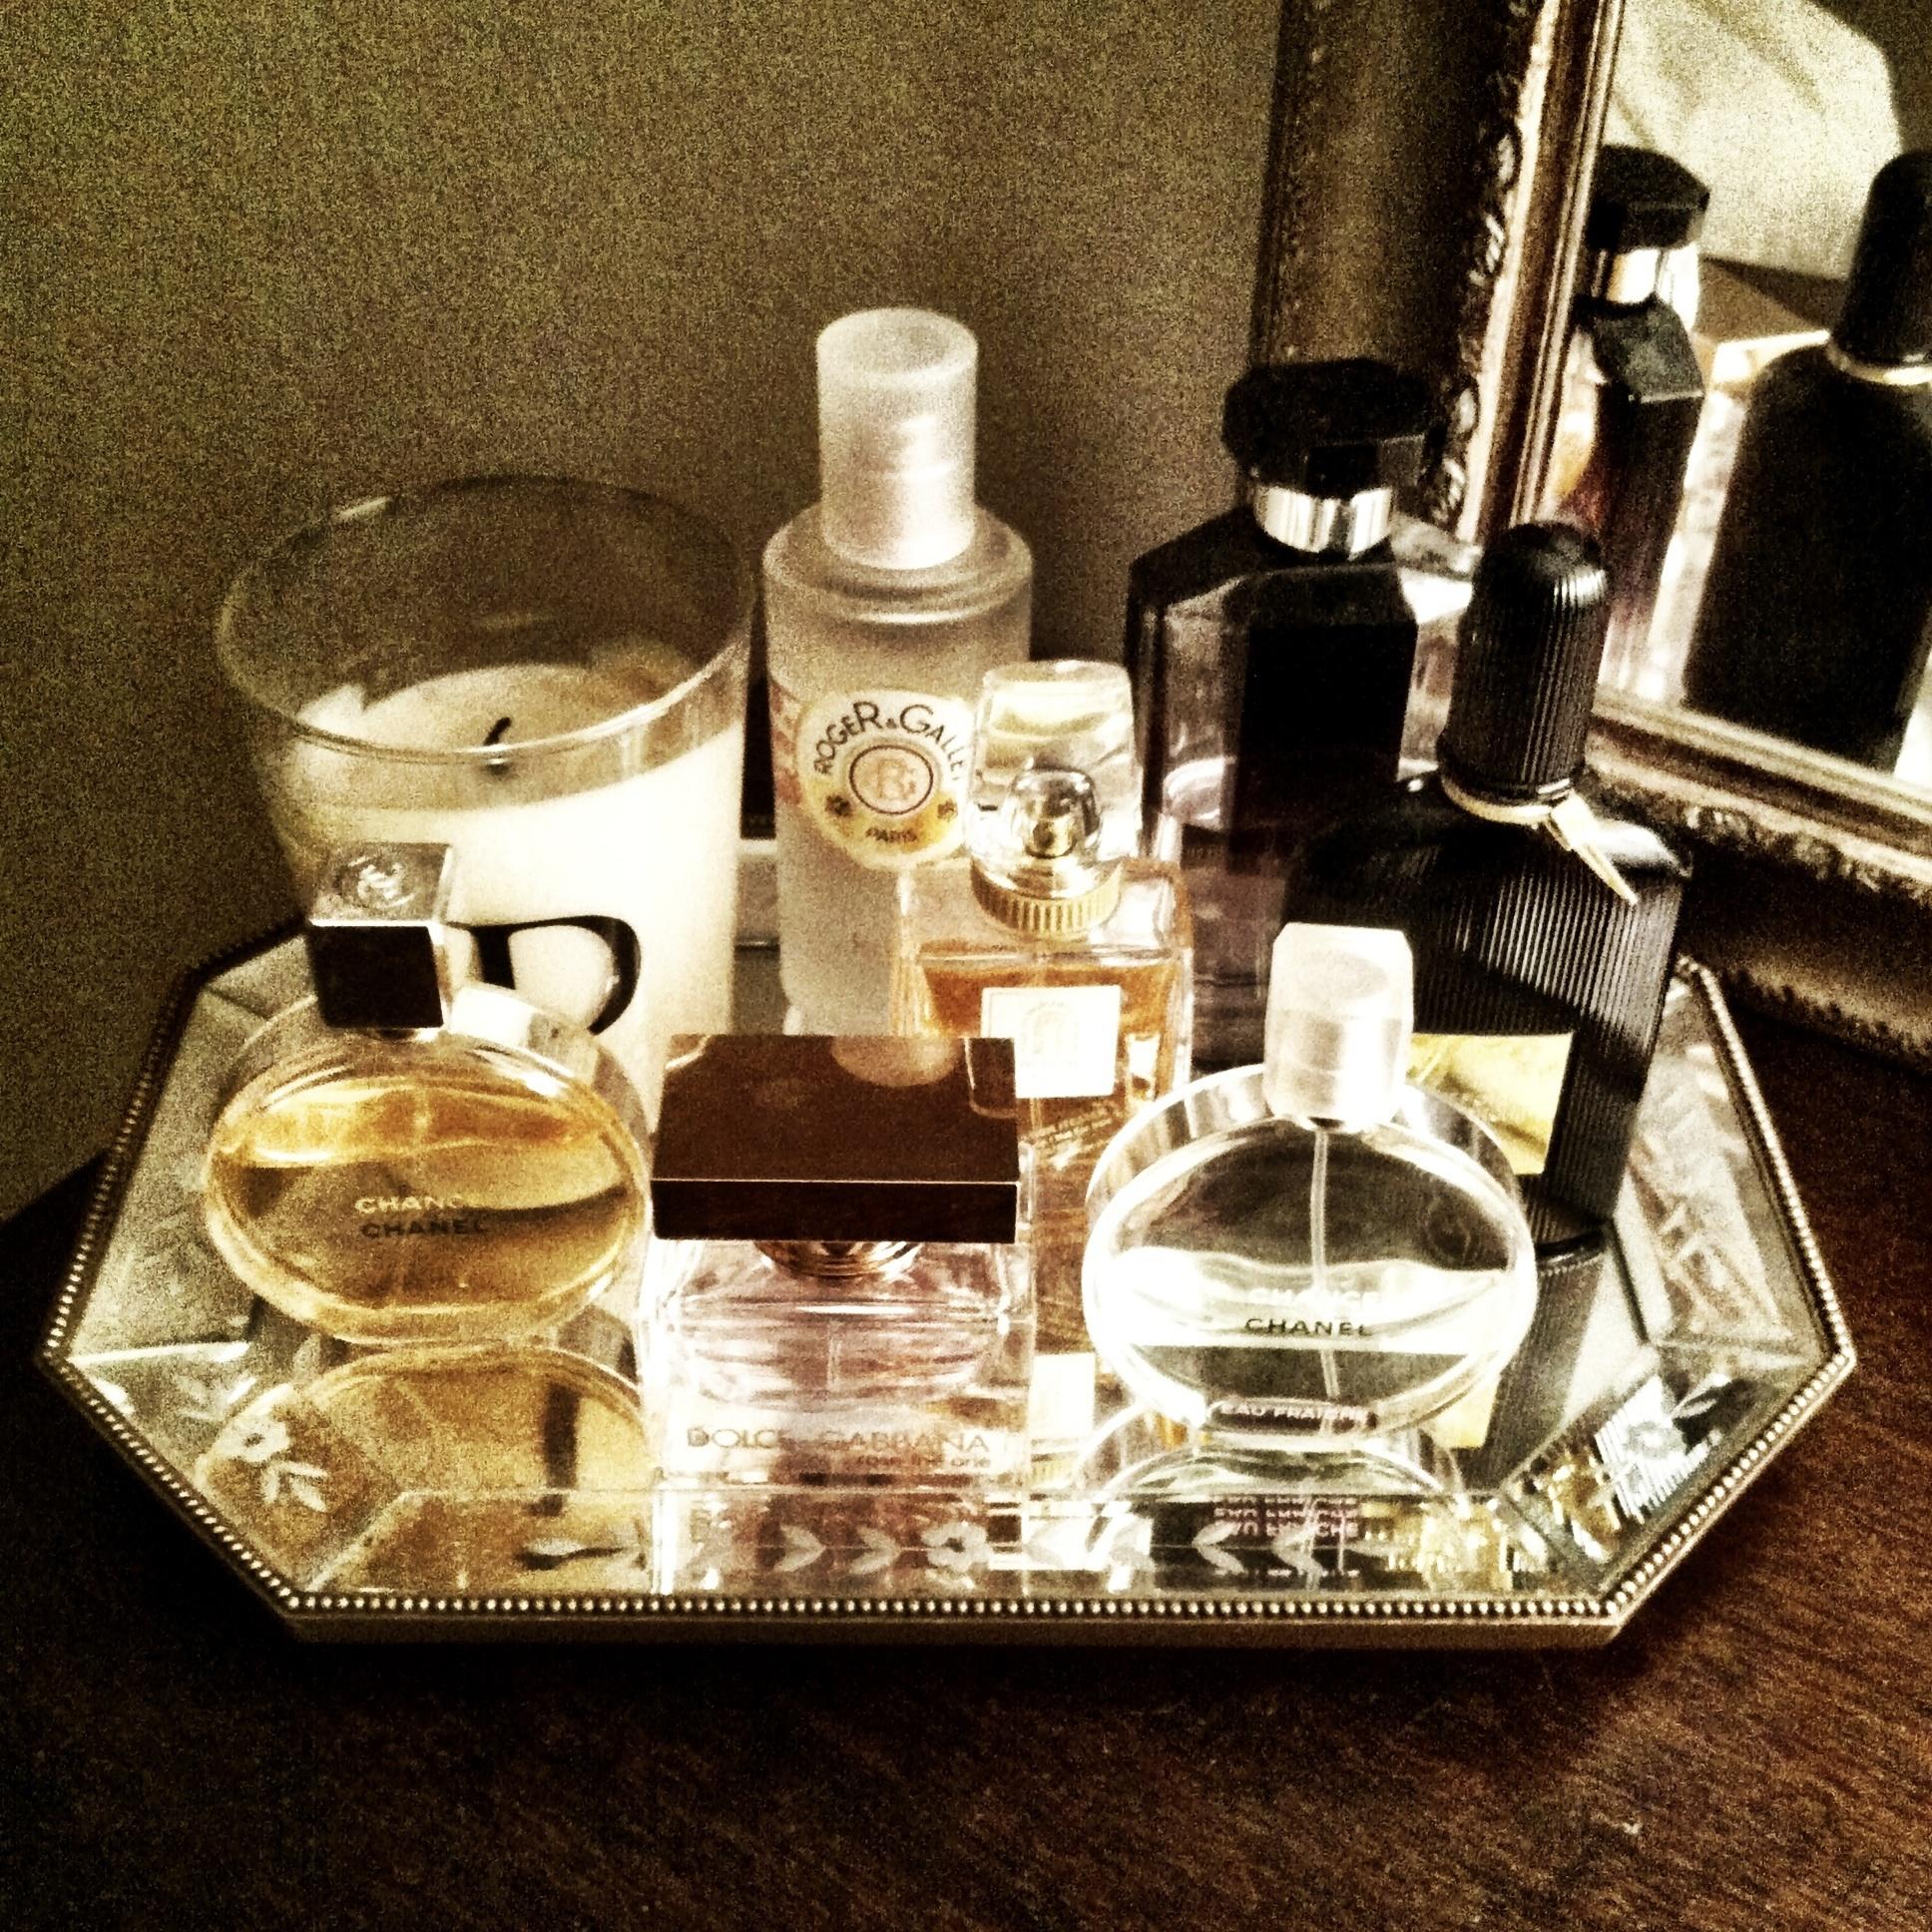 Maneras Chic De Organizar Tus Perfumes La Comuna Pink